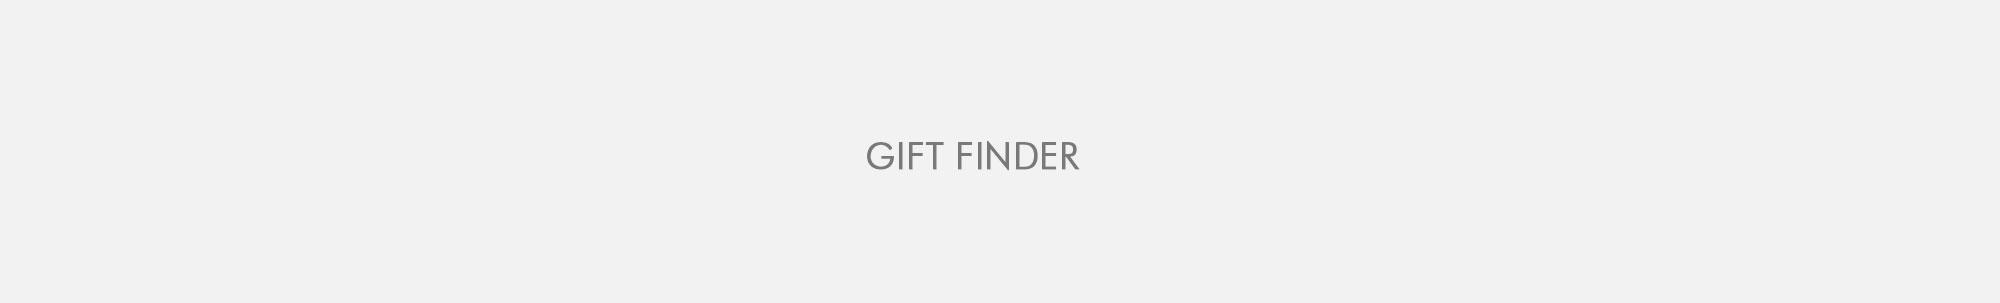 Gift Finder 2019   Monte Carlo